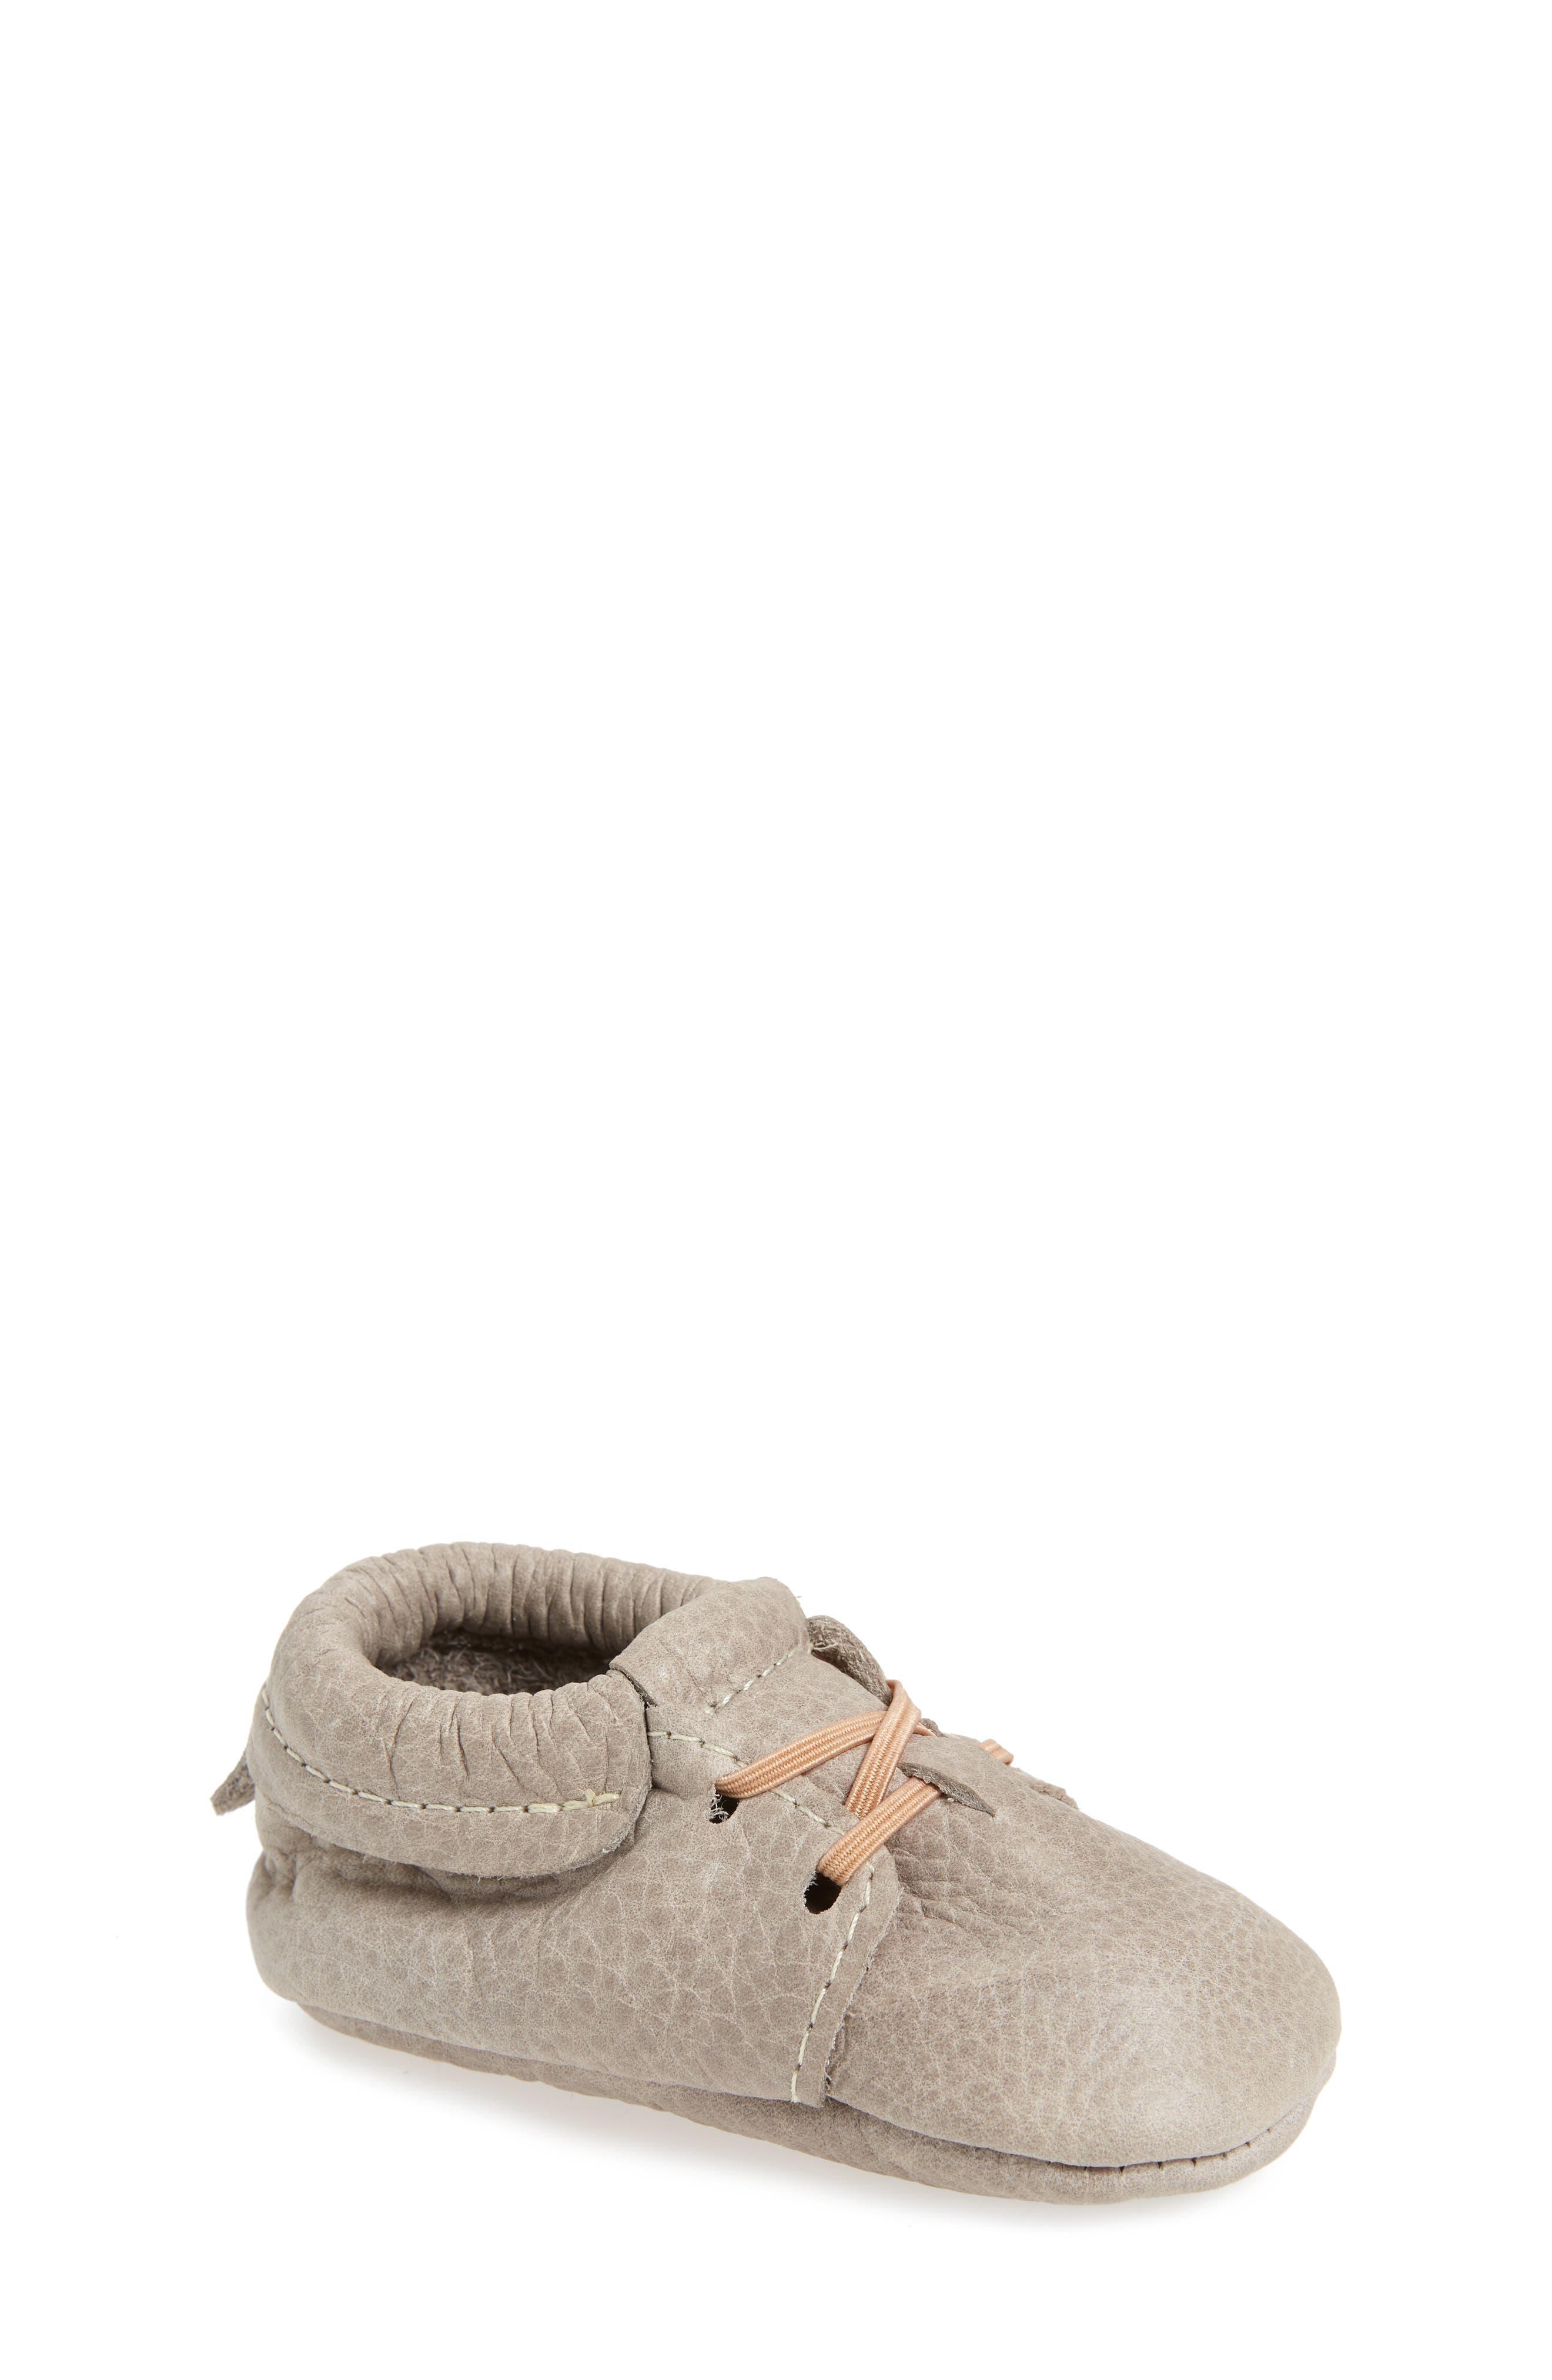 Oxford Crib Shoe,                         Main,                         color, GRAY